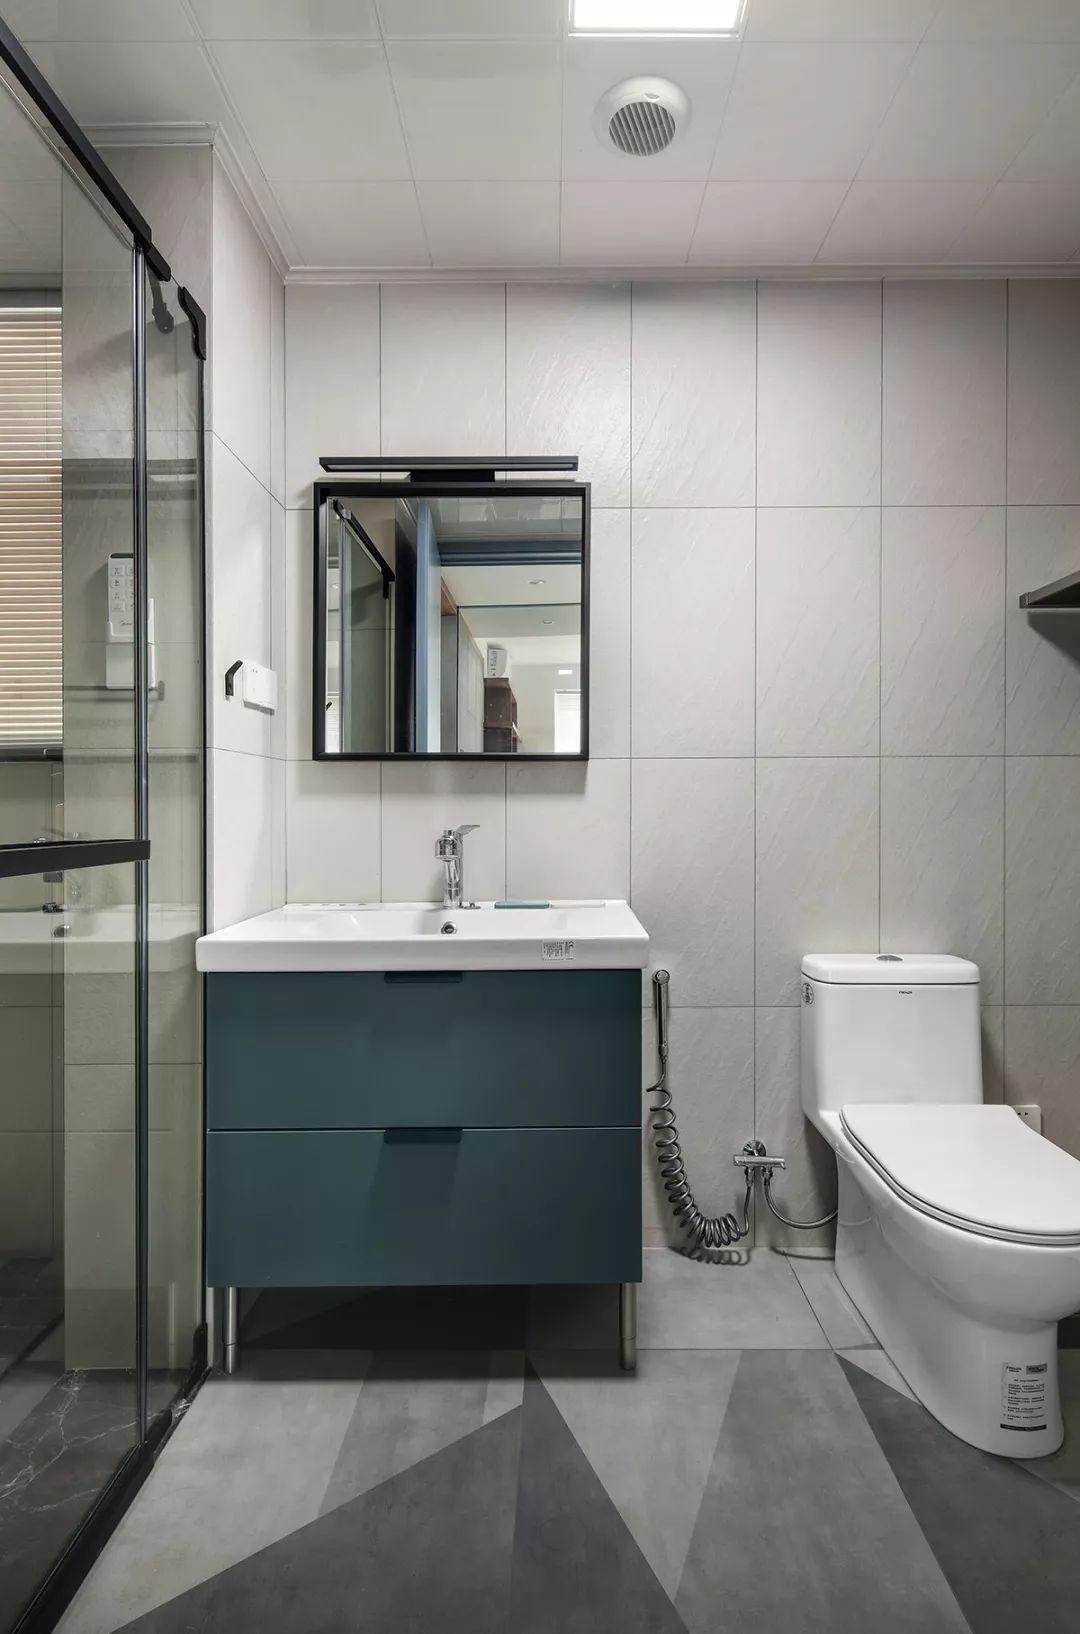 通透的玻璃浴室门有效采光,考虑到卫生间隐私问题,窗户安装百叶帘。简洁的风格与配色都和房屋整体相呼应。